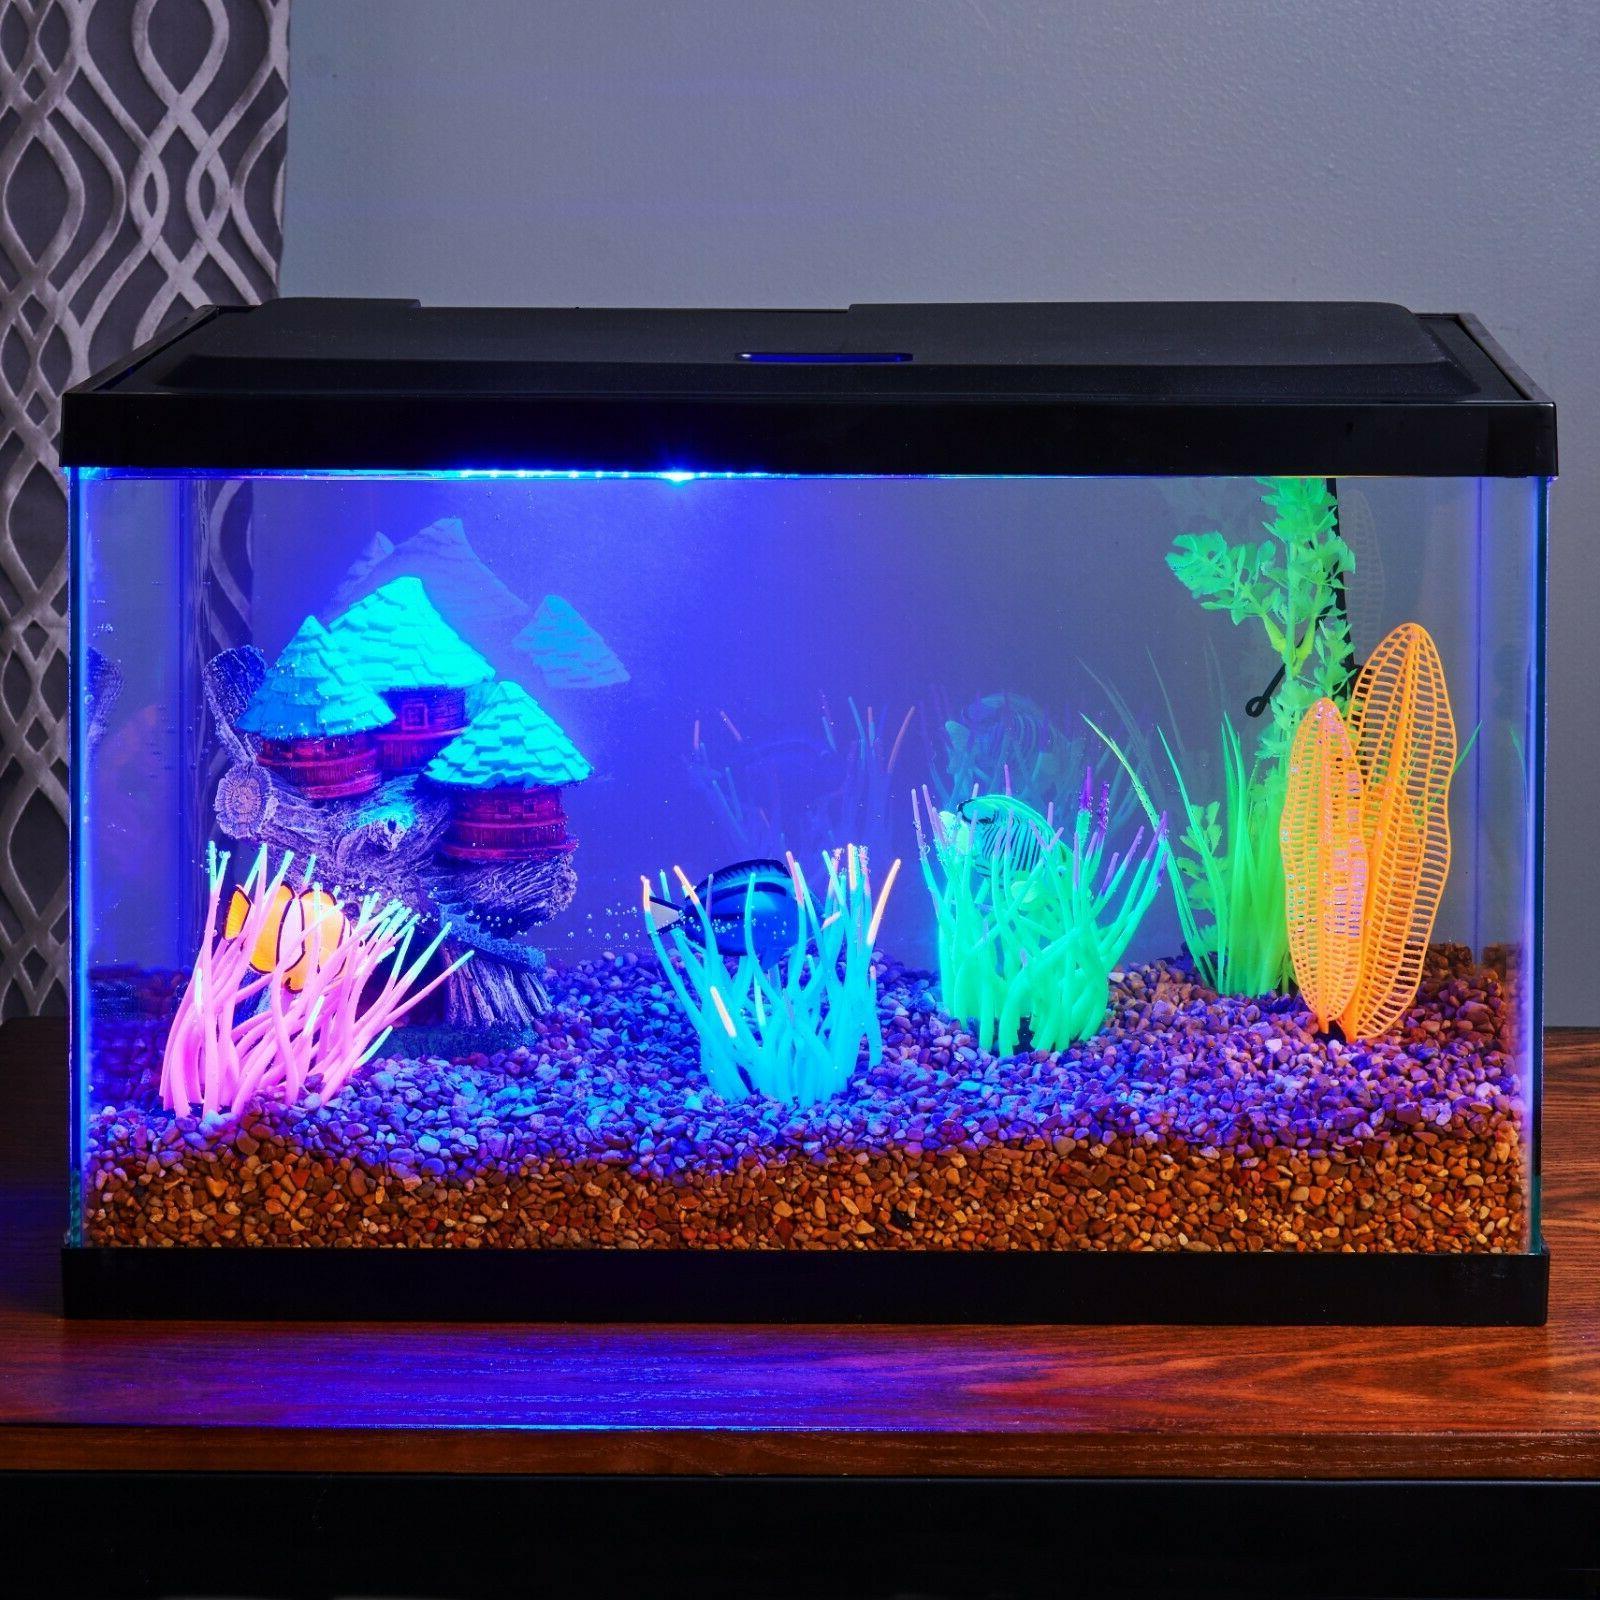 10 Gallon Aquarium Clear Pet Reptiles Aqua